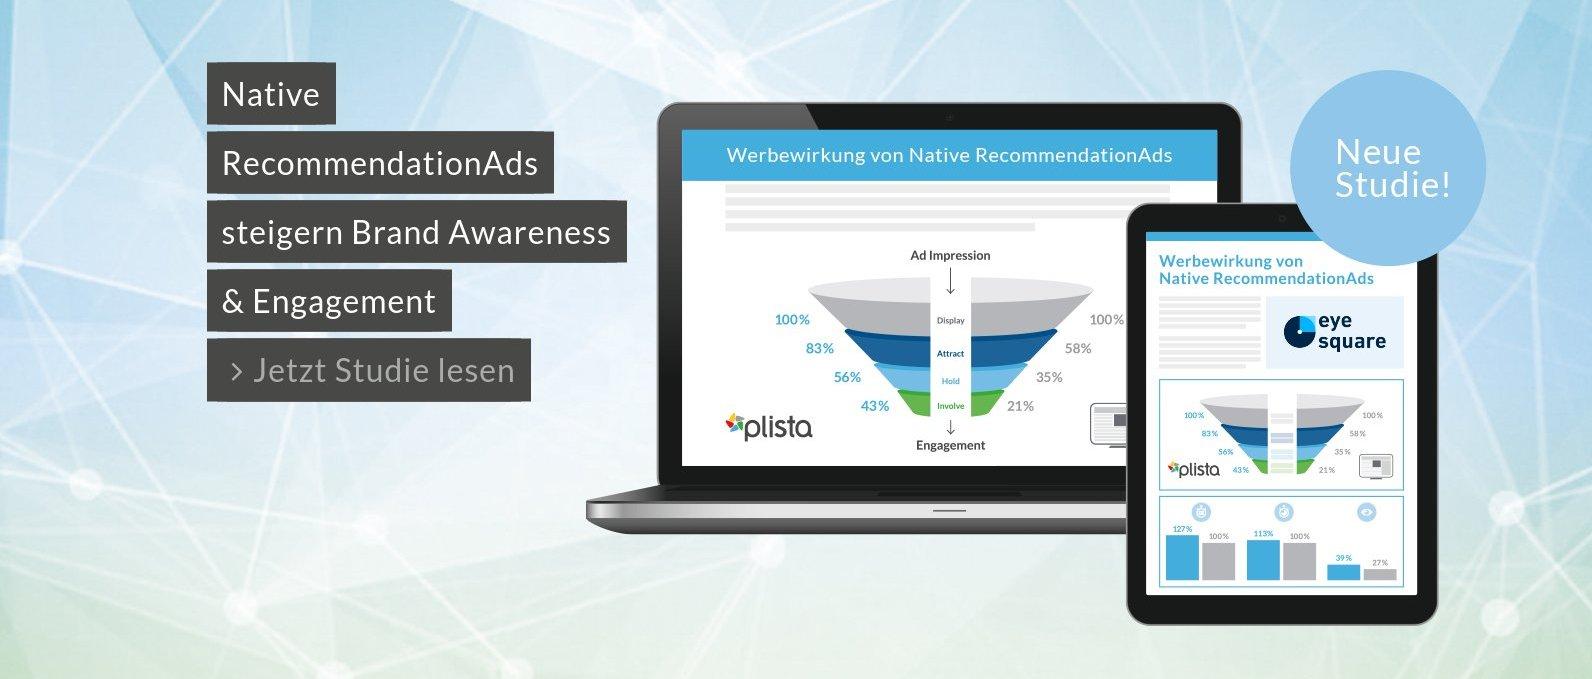 Plista: So steigern Werbetreibende in der Vorweihnachtszeit ihre Kampagnenperformance